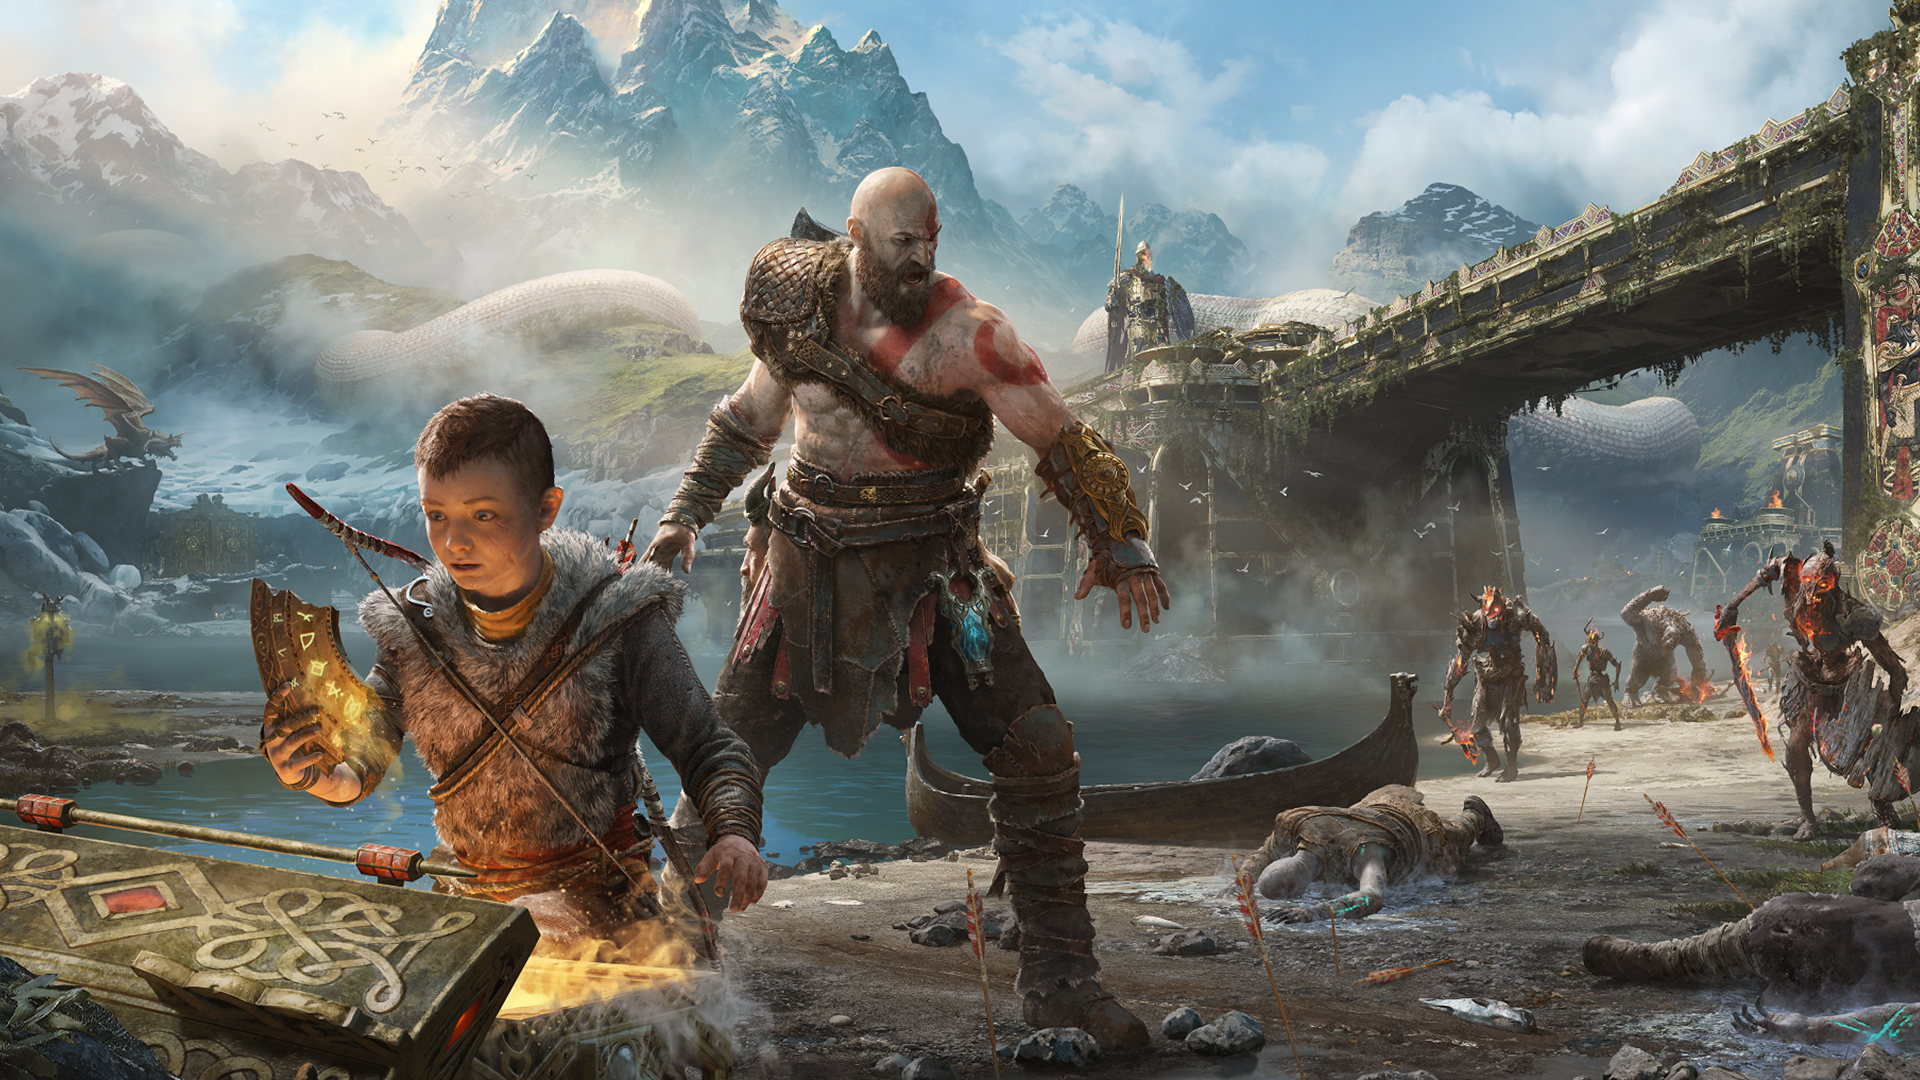 Kratos And Atreus In God Of War